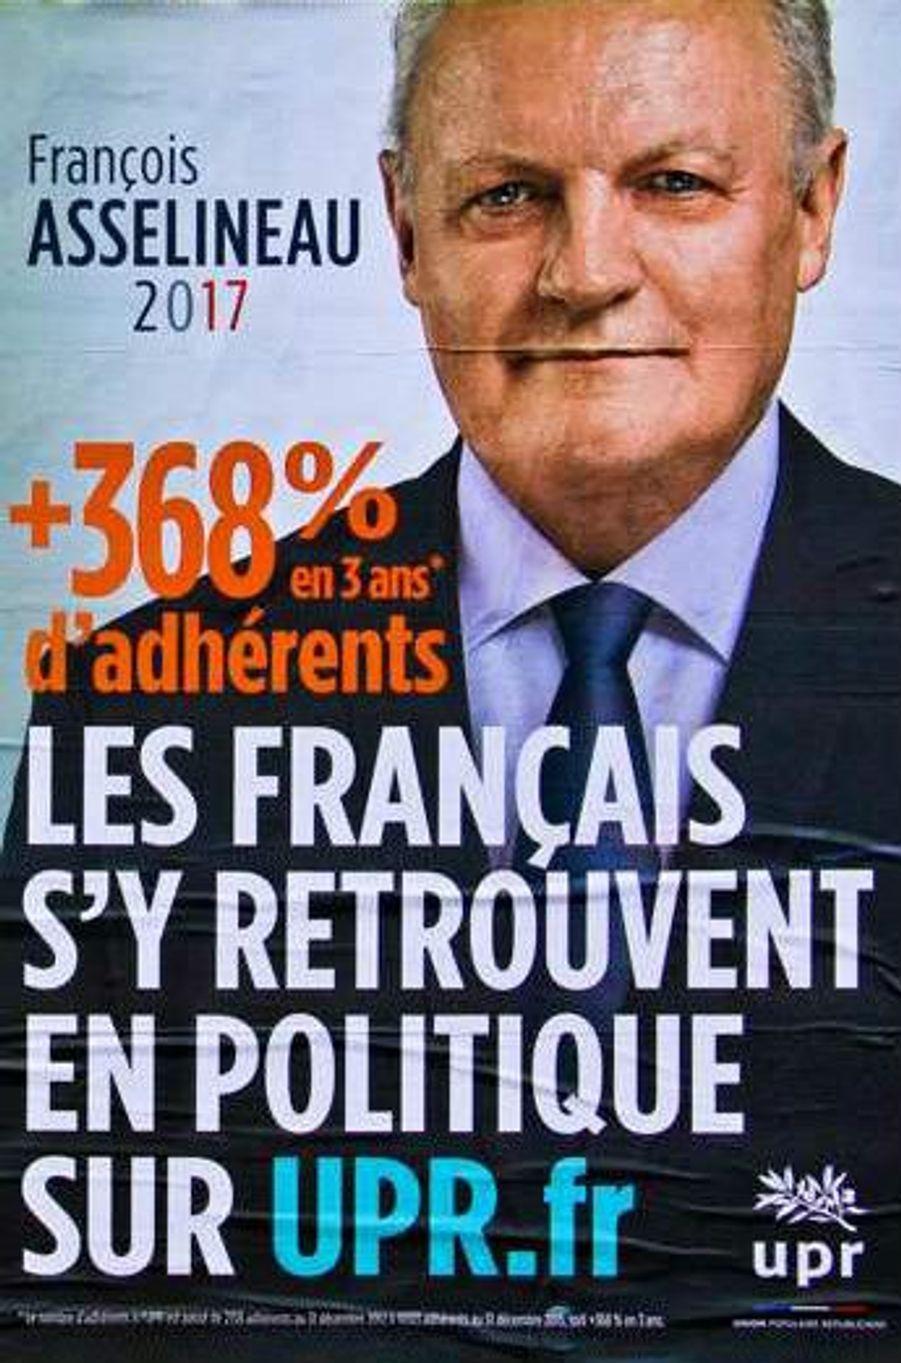 Enfin, sans doute l'une des affiches les plus présentes à Paris : celle de François Asselineau, le candidat-surprise de l'UPR.